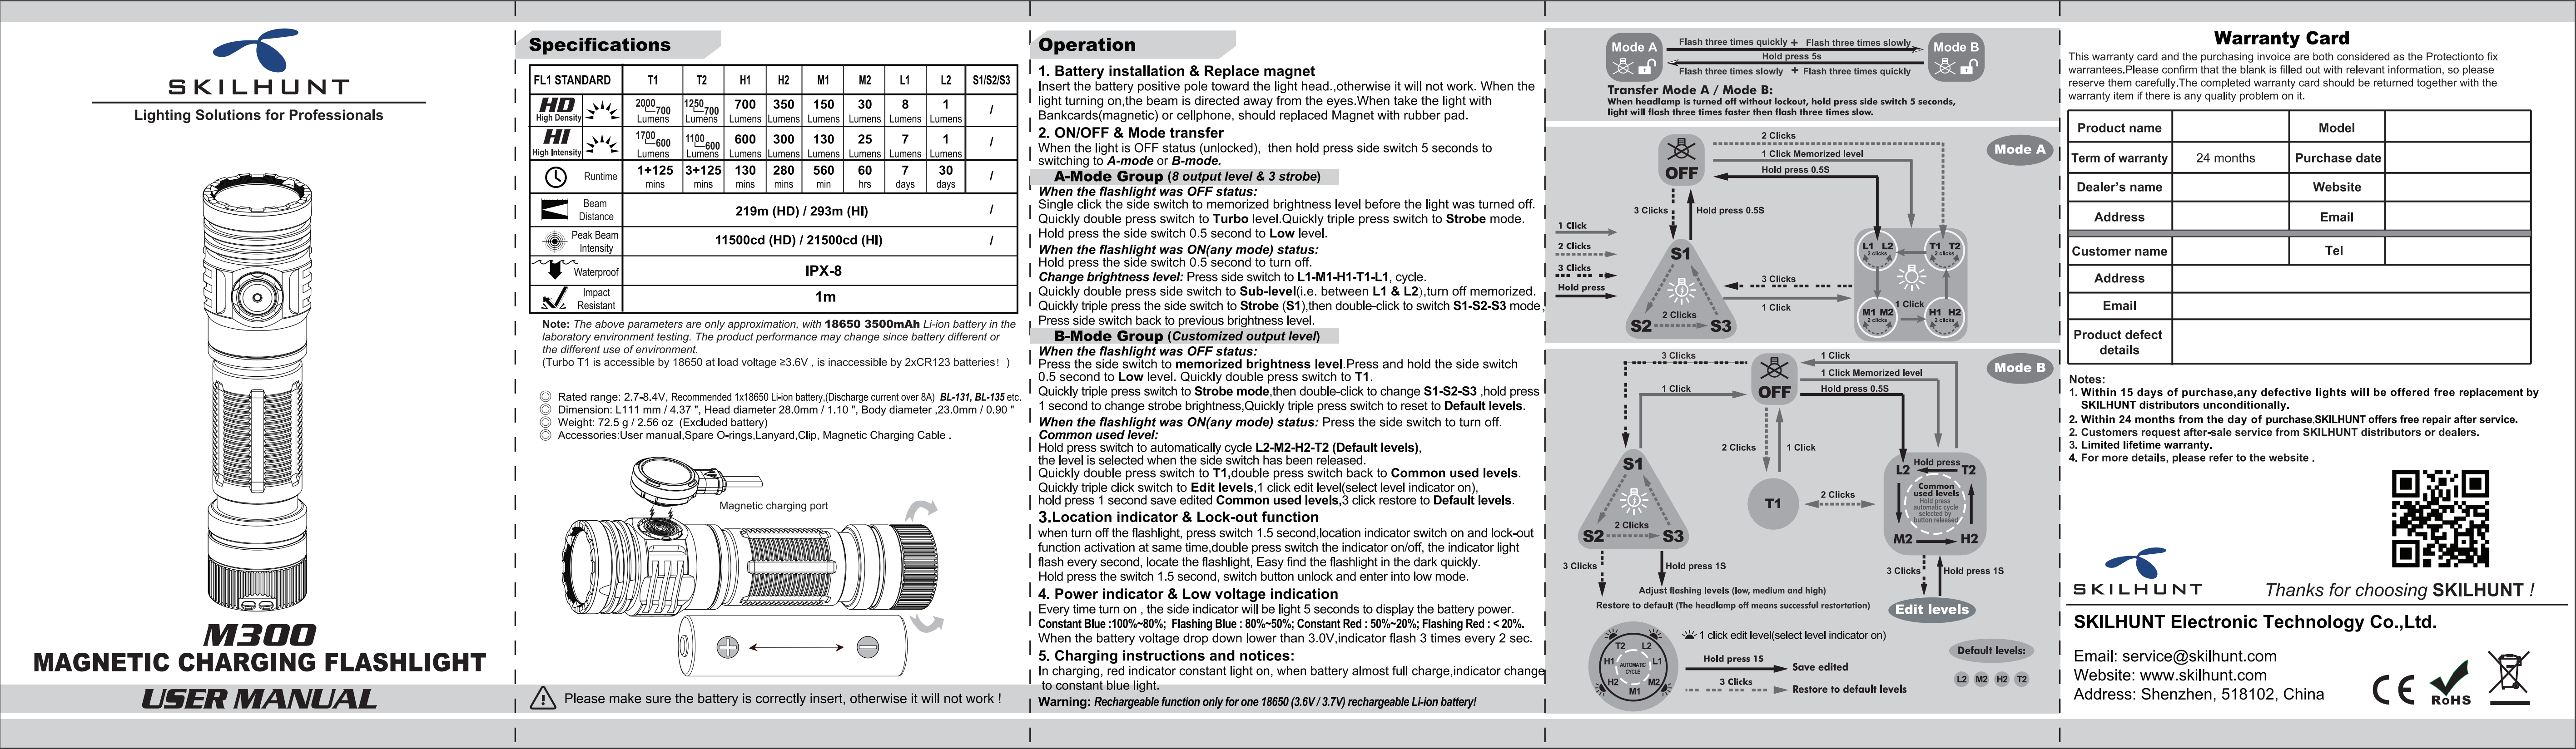 skilhunt m300 18650 flashlight manual